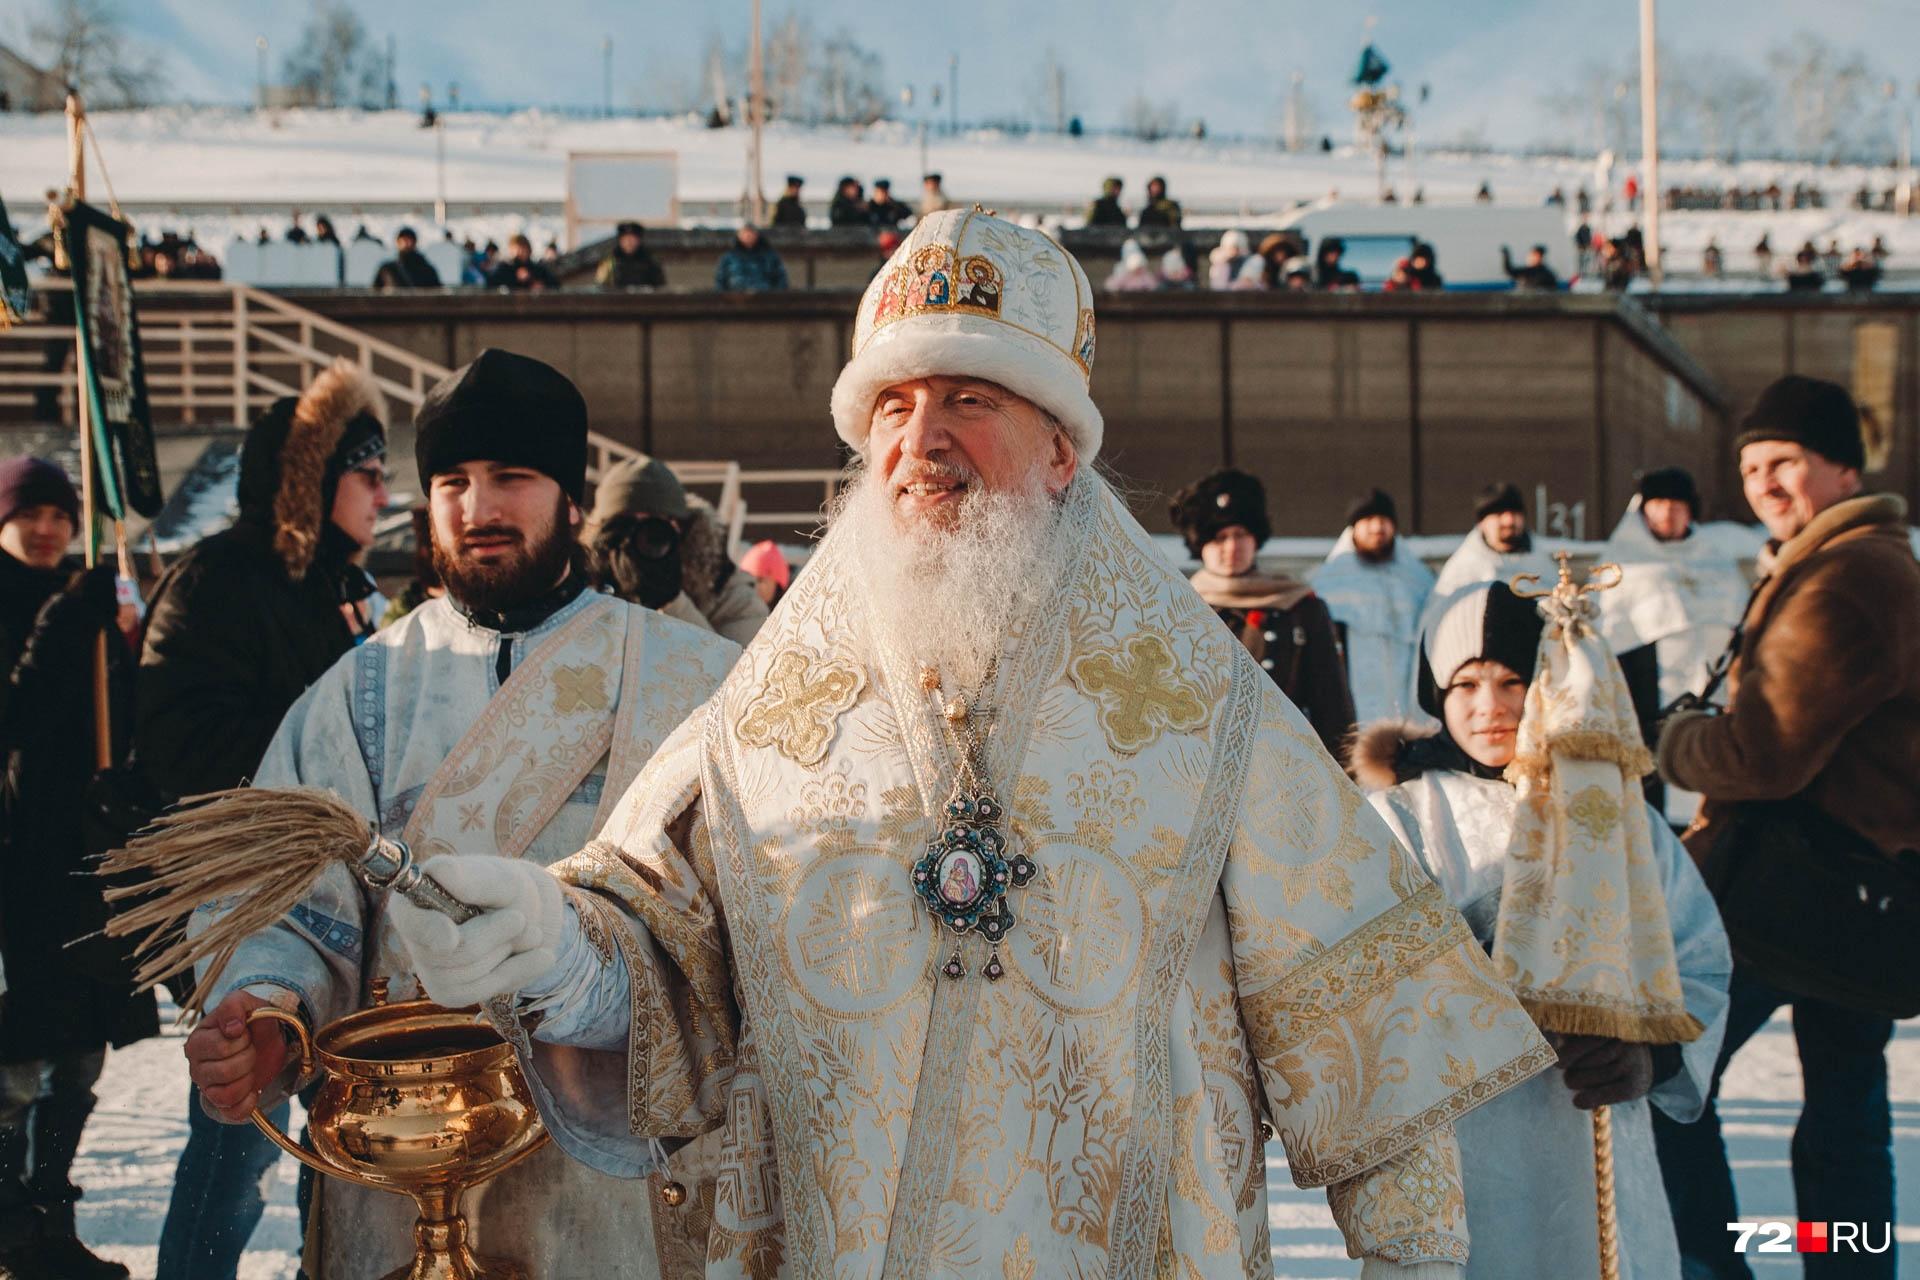 Митрополит, как и прежние годы, облачился в праздничную золотисто-белую рясу. Владыка поздравил всех с Крещением Господне и сказал, что это великий праздник, во время которого по многовековой традиции освящается вода